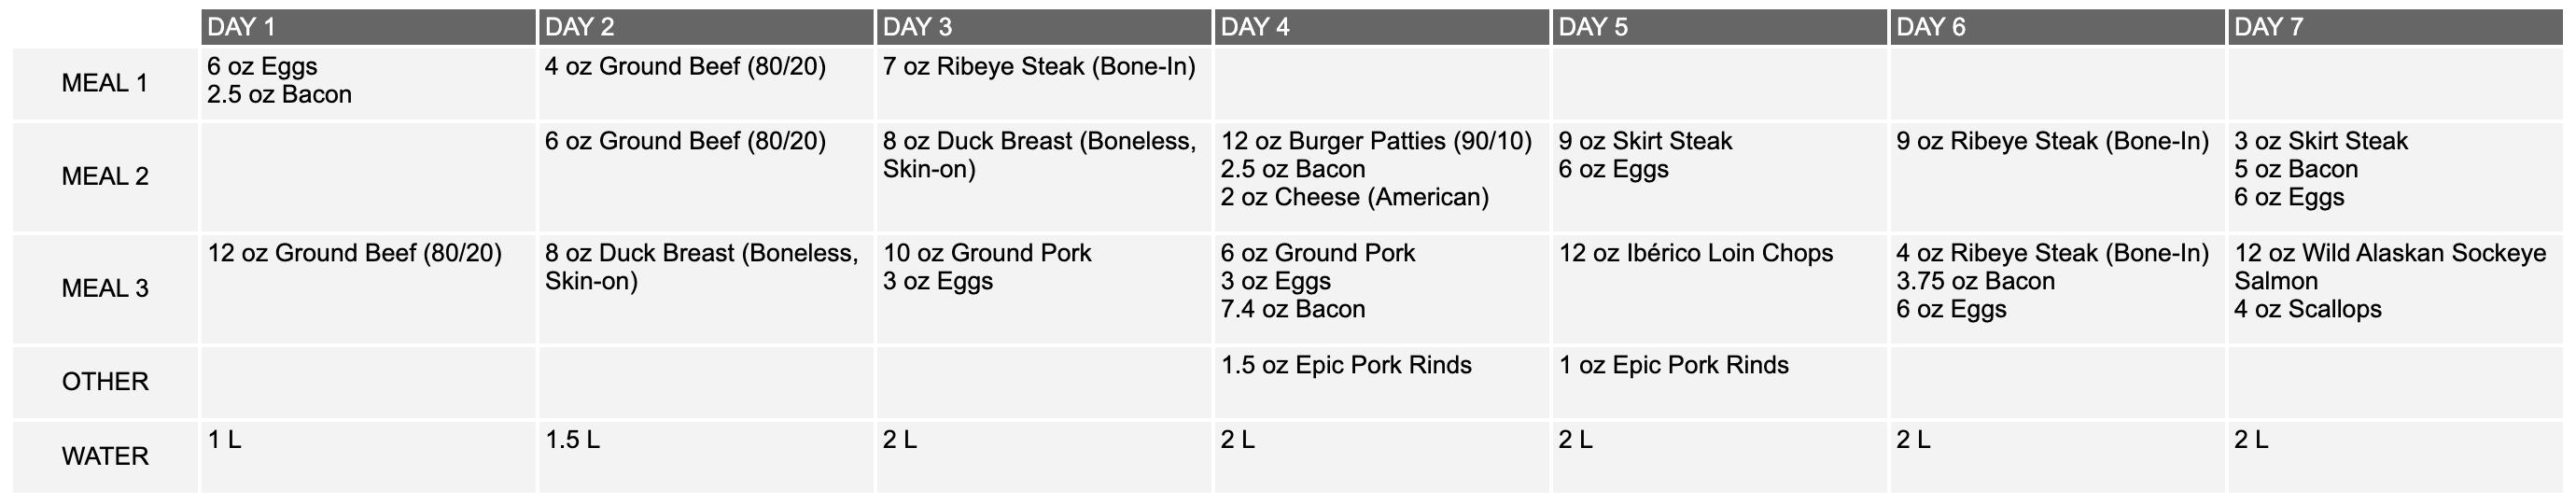 Carnivore Food Log Week 1